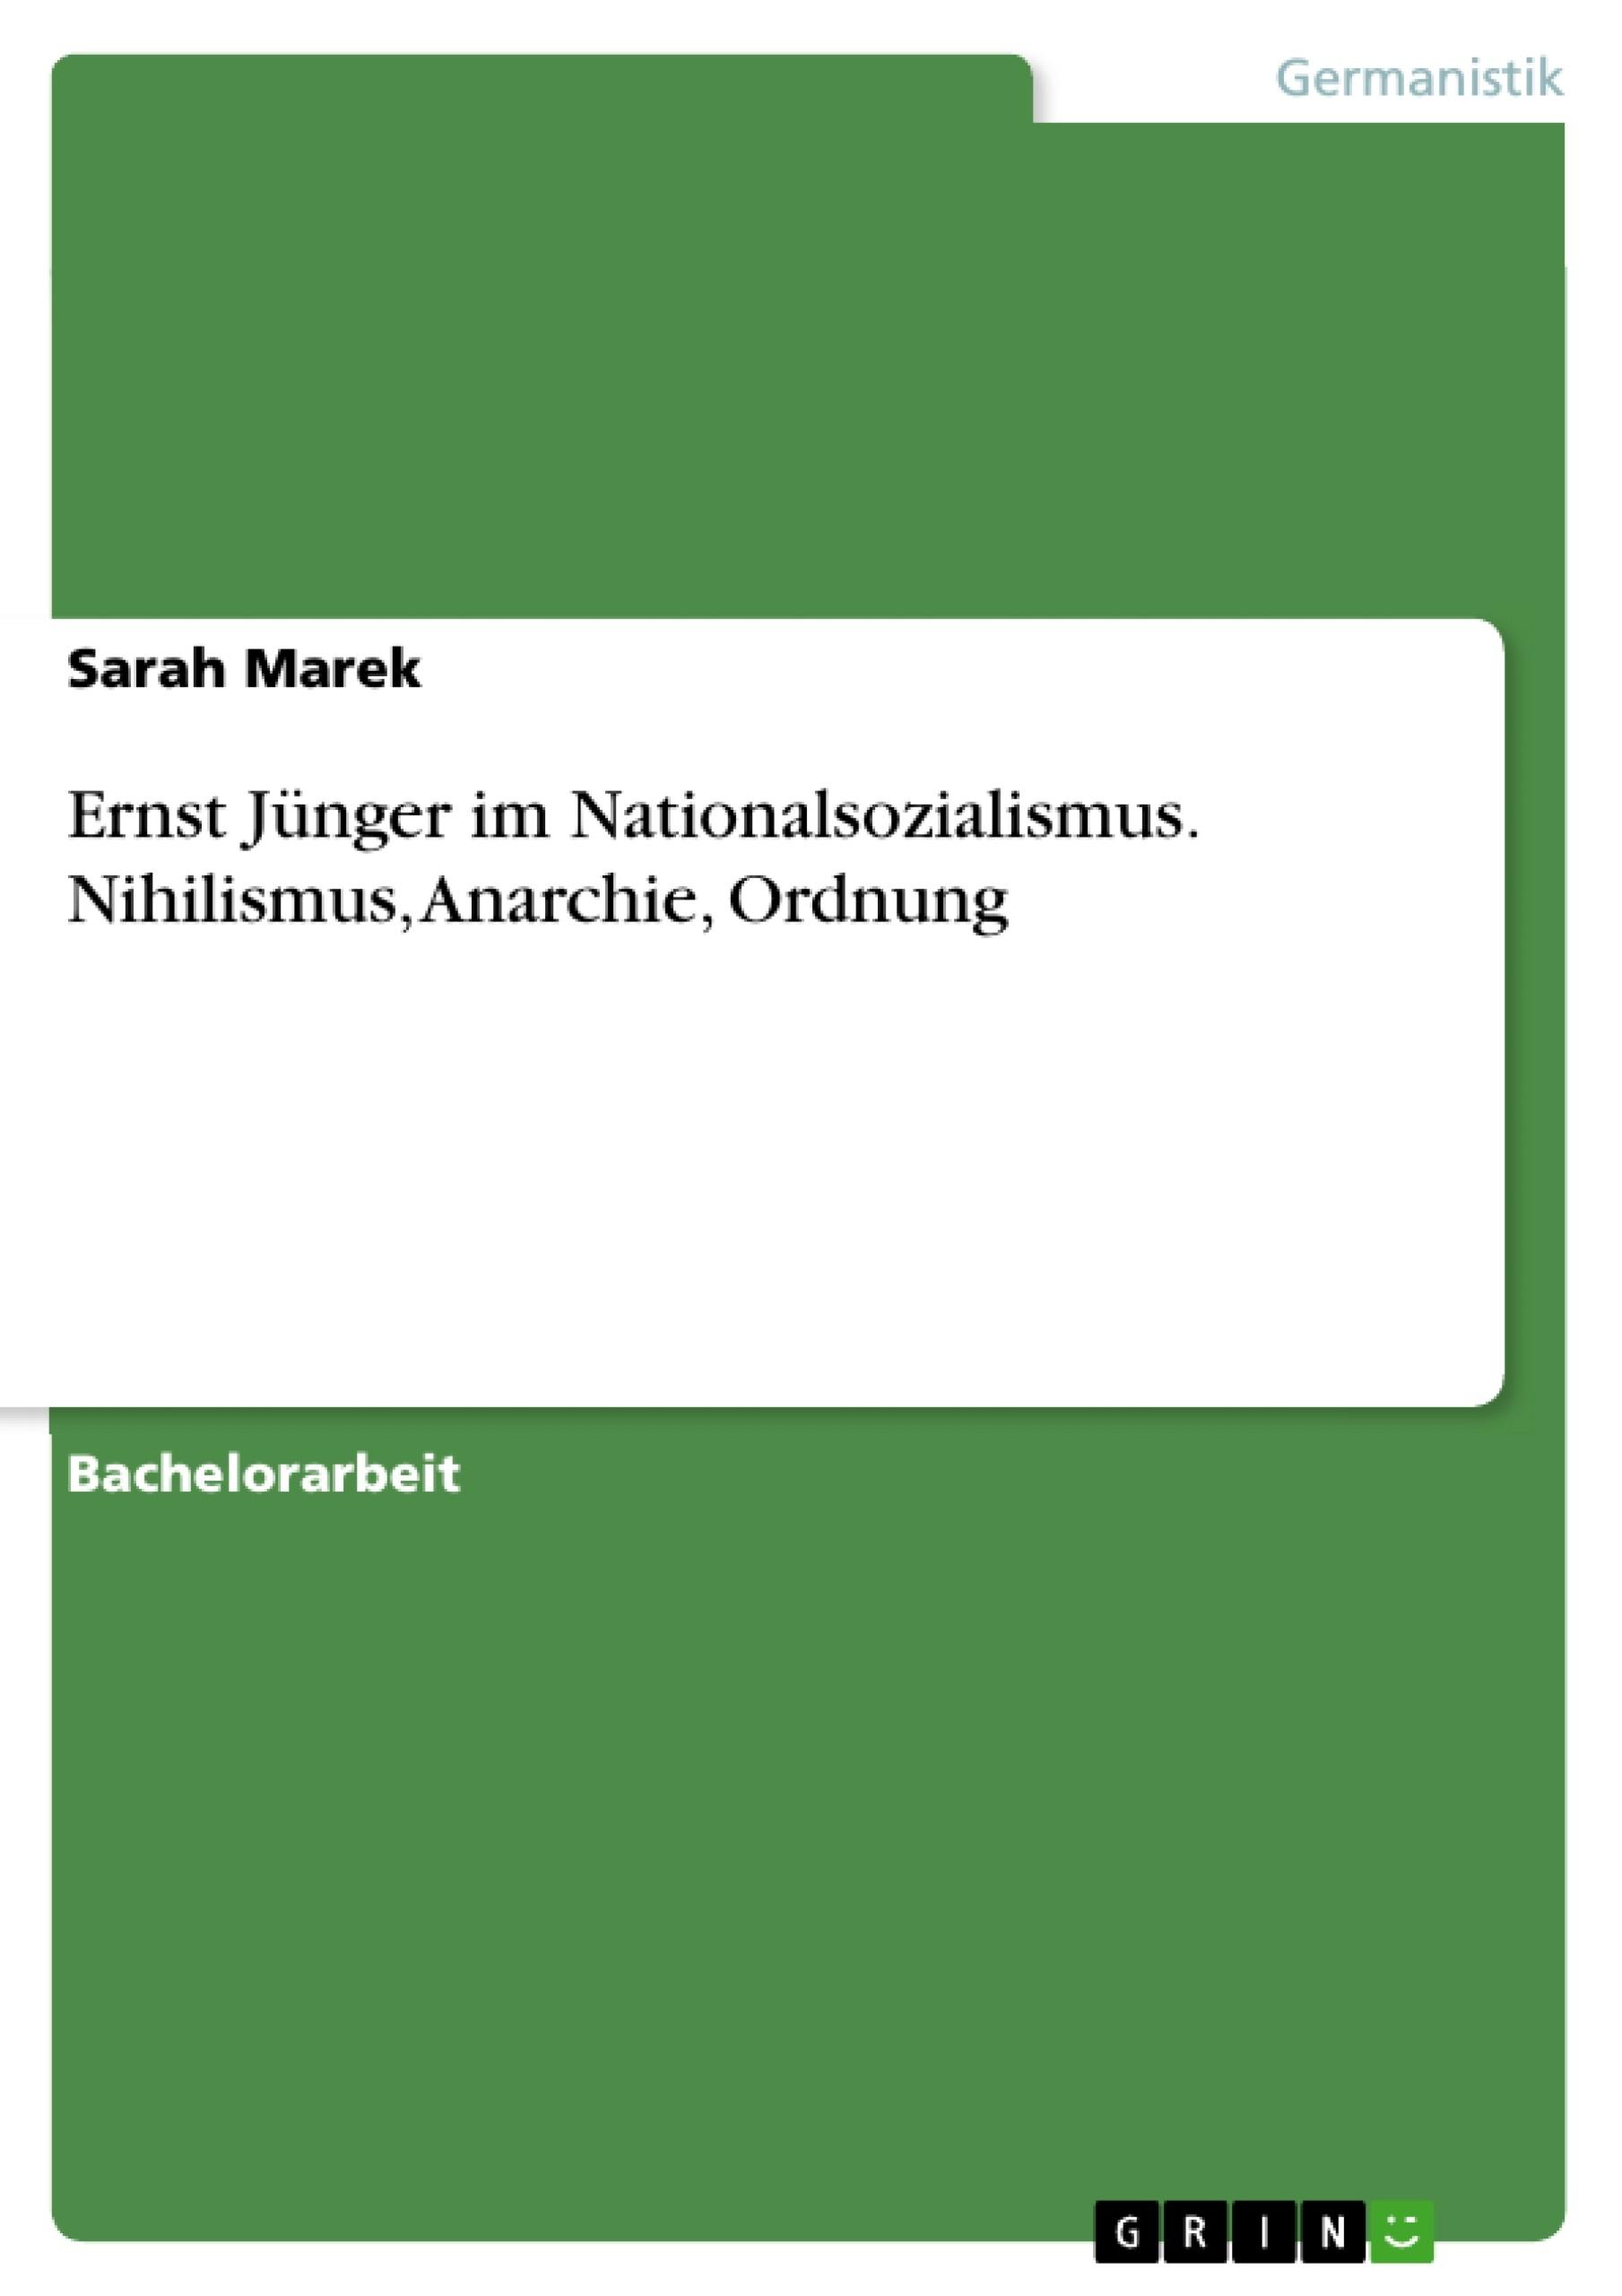 Titel: Ernst Jünger im Nationalsozialismus. Nihilismus, Anarchie, Ordnung